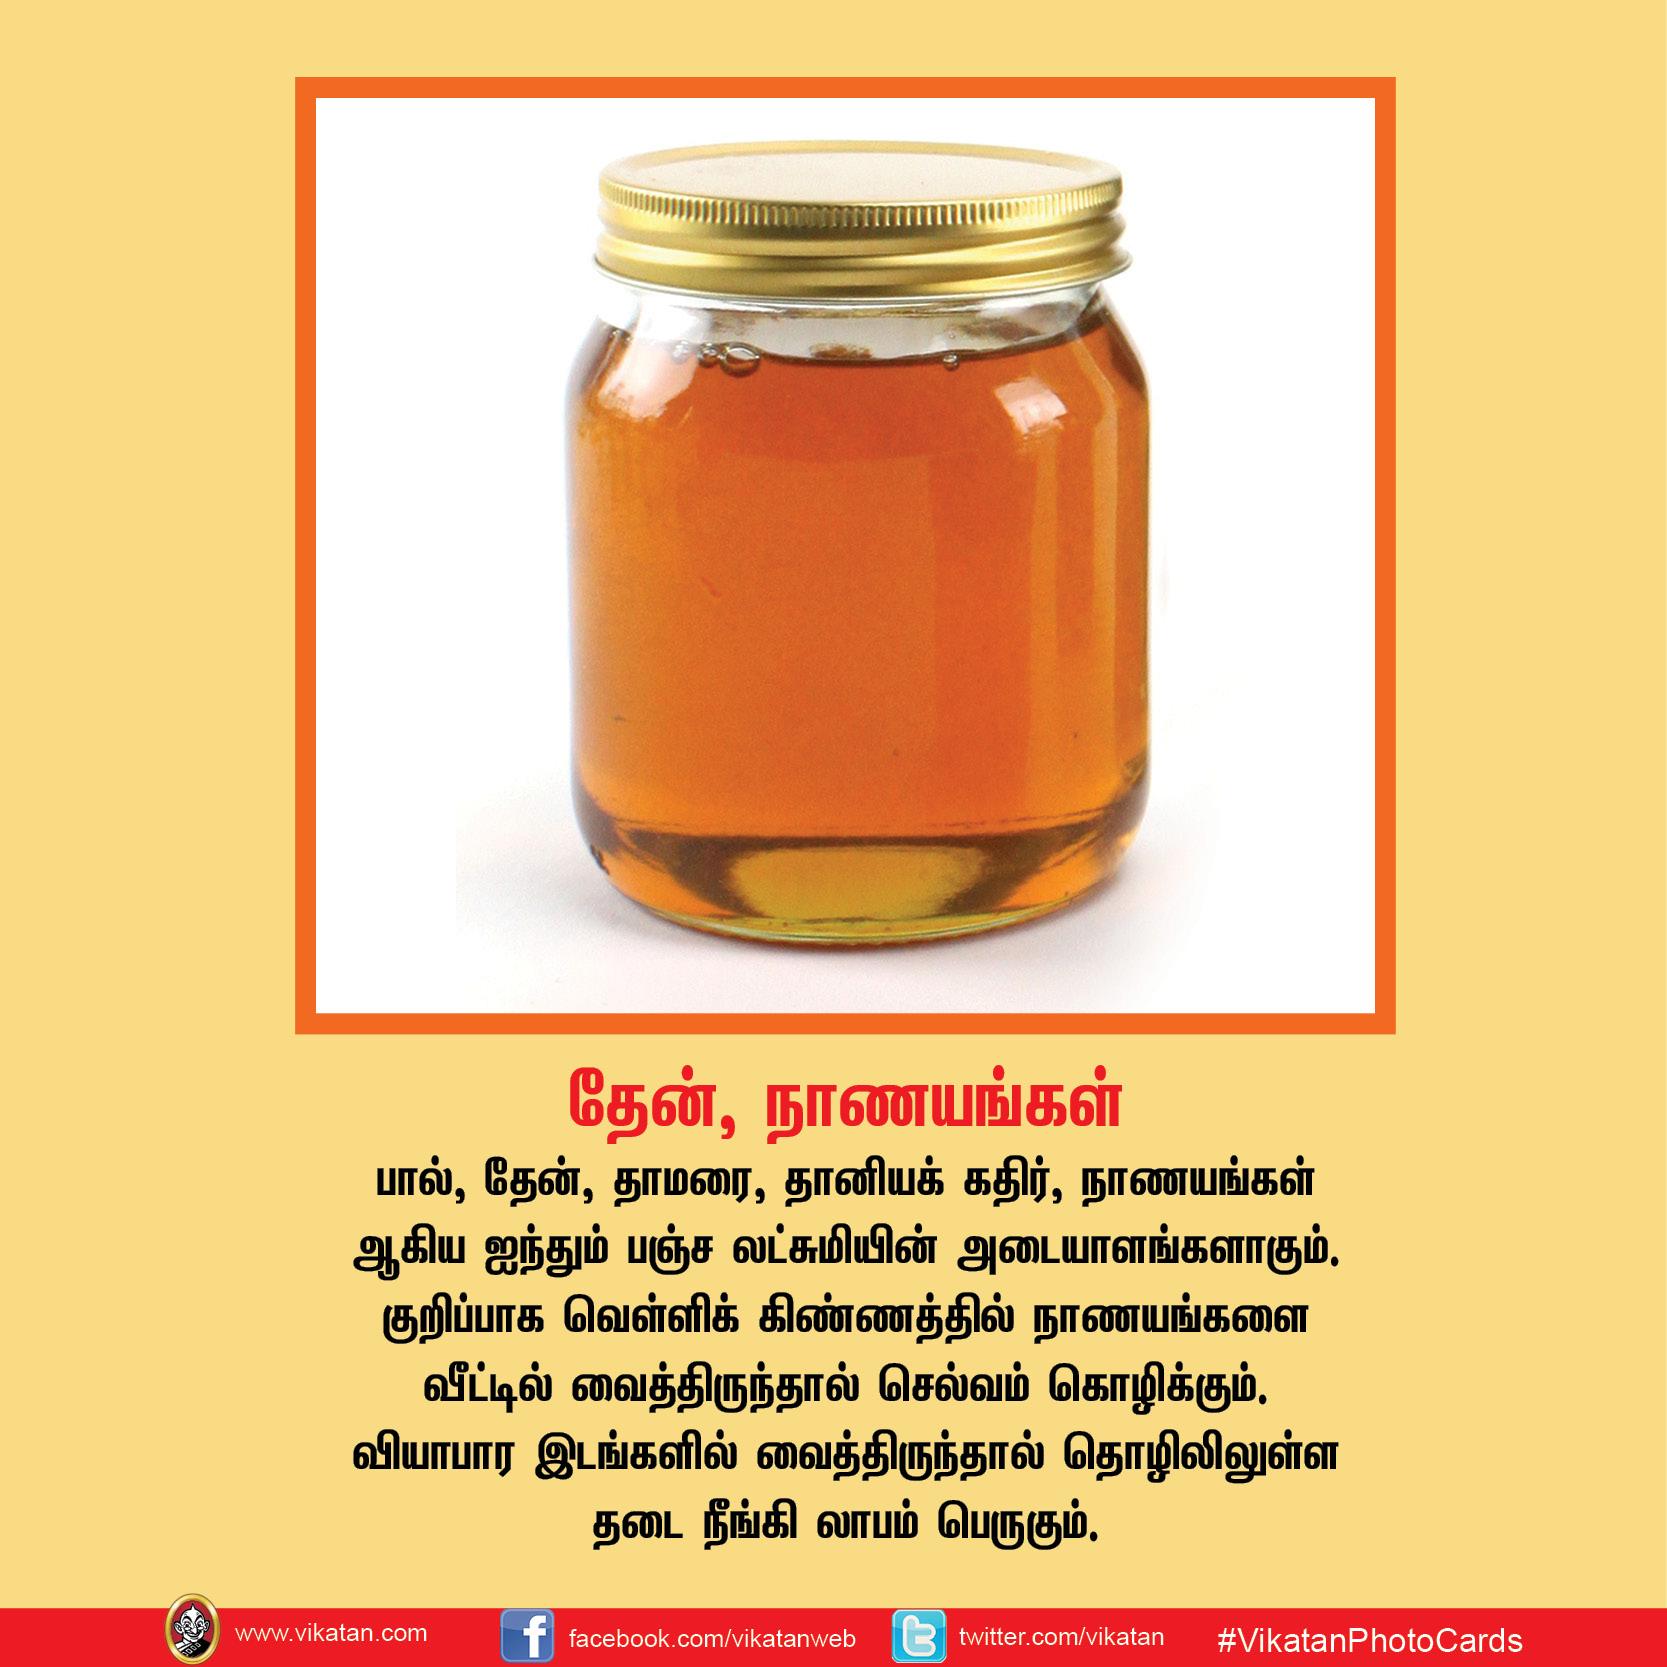 கல் உப்பு, மஞ்சள், வலம்புரி சங்கு... வீட்டில் லட்சுமி கடாட்சம் பெருக செய்யும் பொருள்கள்! #VikatanPhotoCards